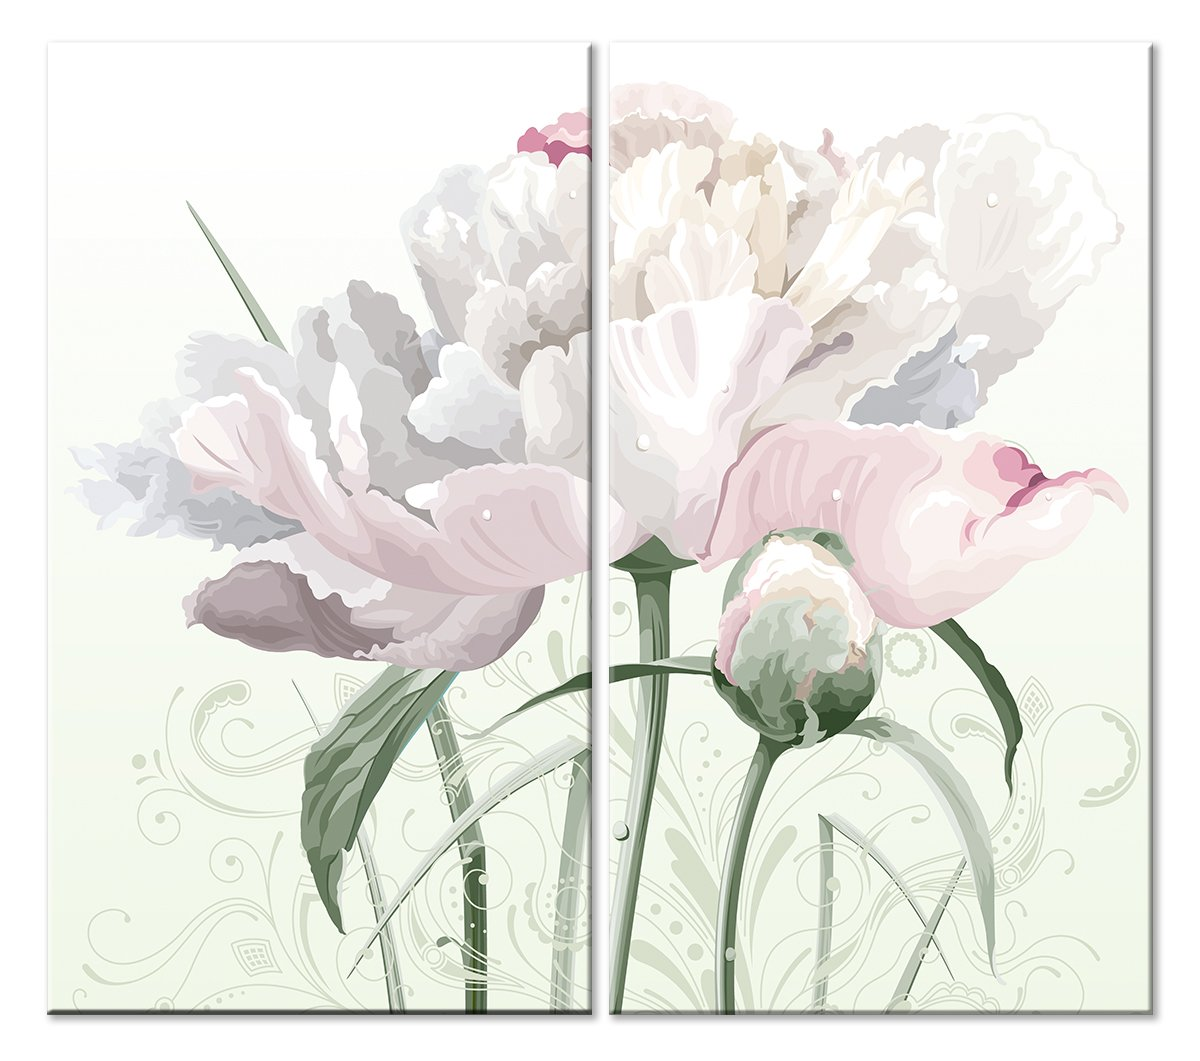 Модульная картина «Невидимая гемометрия цветка»Цветы<br>Модульная картина на натуральном холсте и деревянном подрамнике. Подвес в комплекте. Трехслойная надежная упаковка. Доставим в любую точку России. Вам осталось только повесить картину на стену!<br>